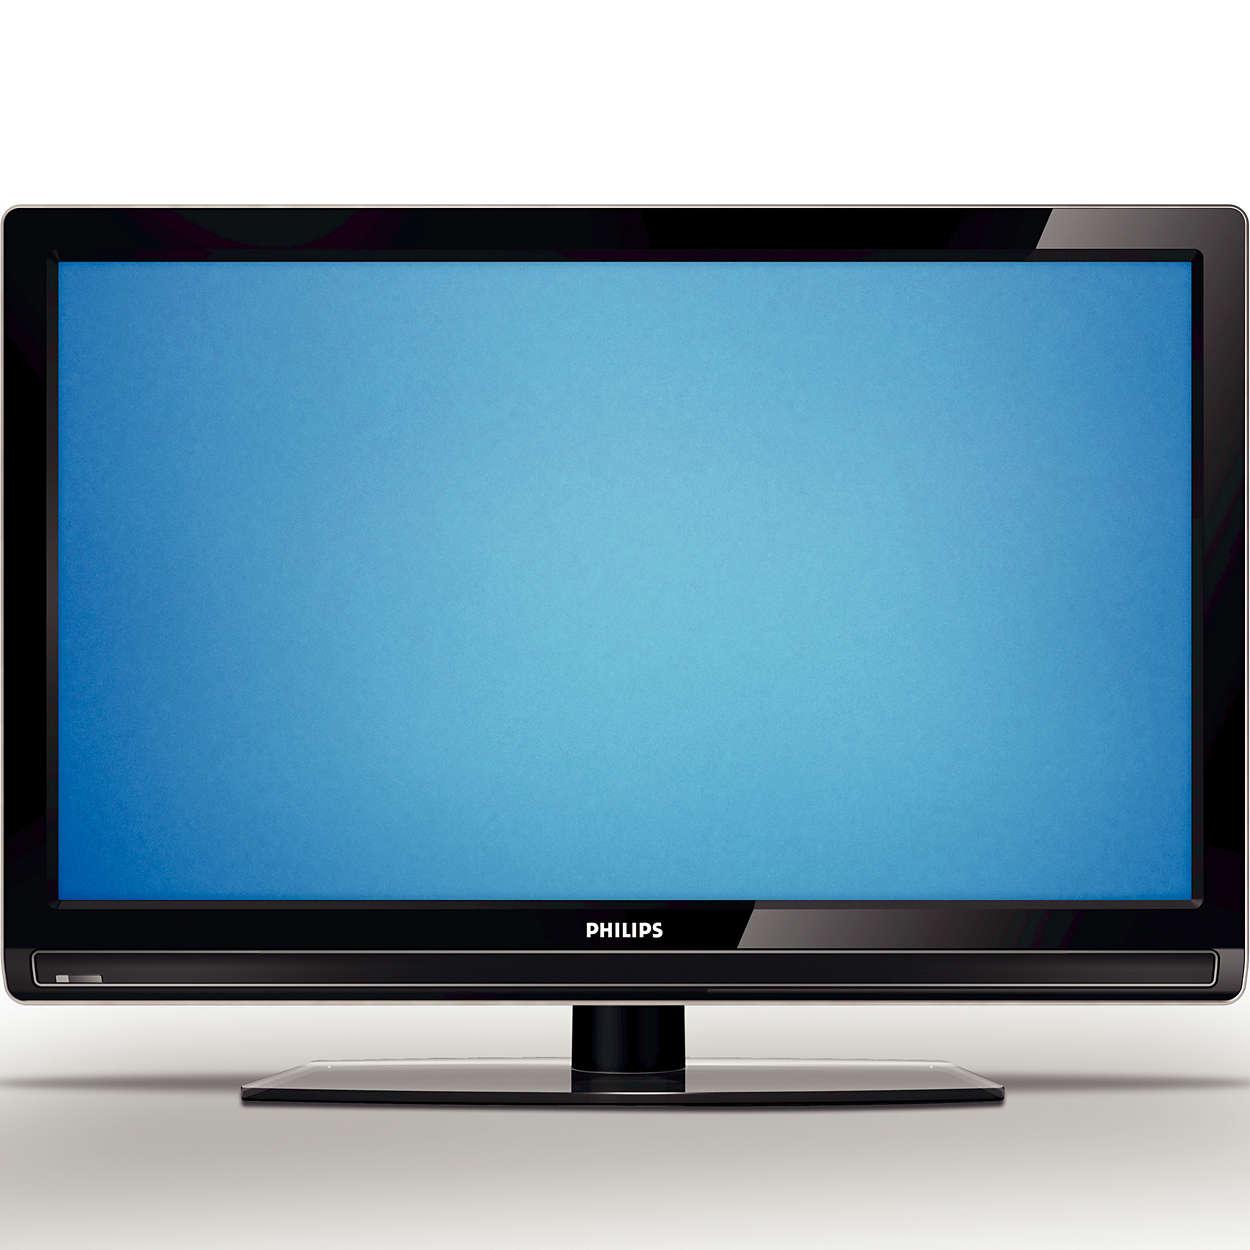 Märgatavalt õhem teler. Silmanähtavalt selgem pilt.